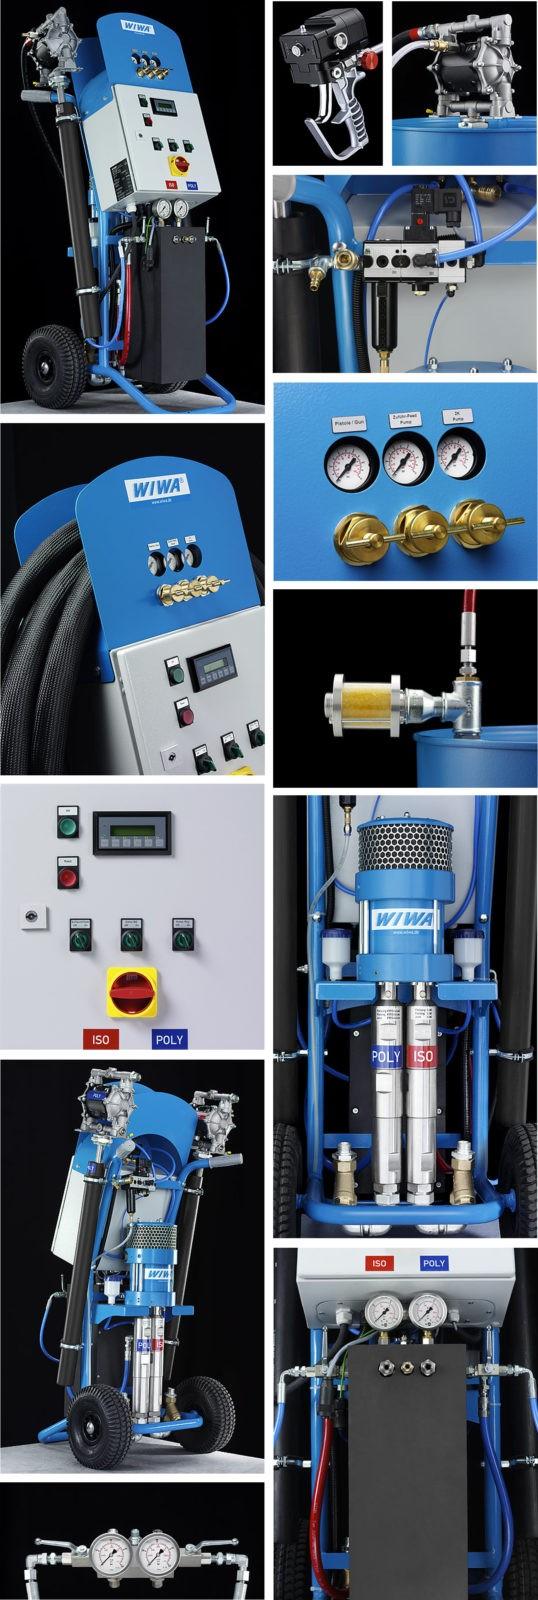 WIWA doumix 420 установки высокого давления